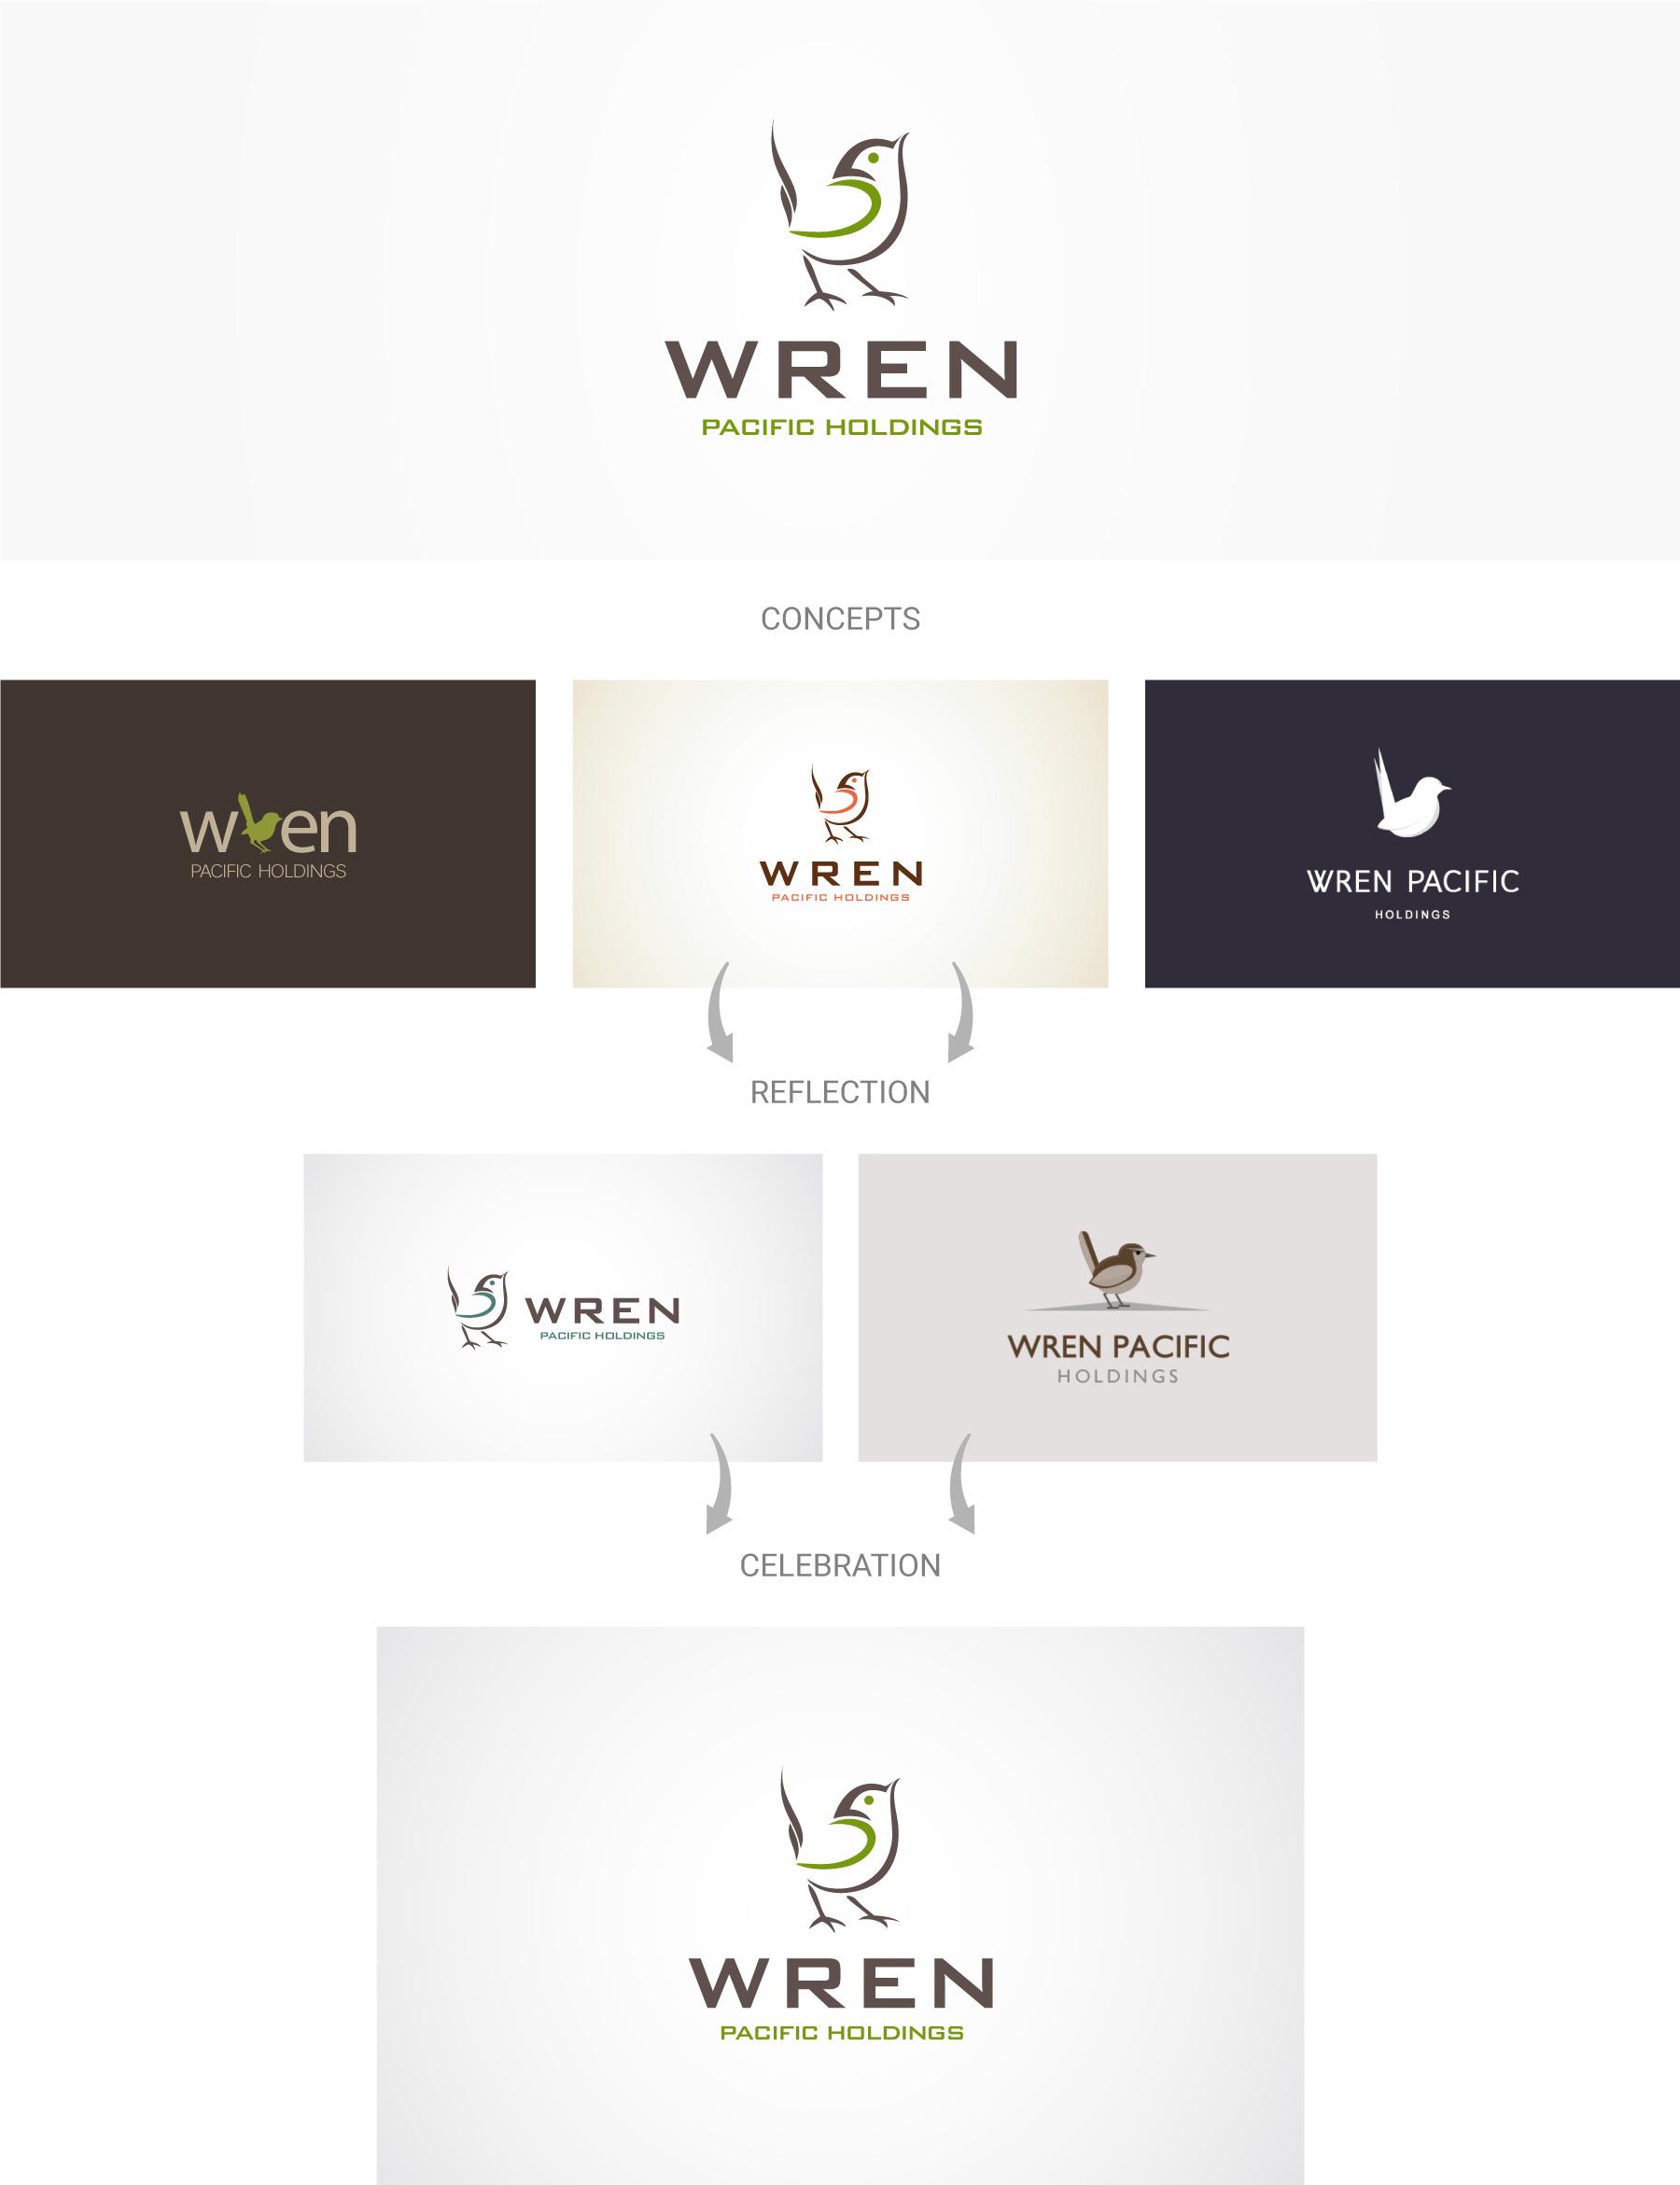 Wren-pacific-holdings-logo-design